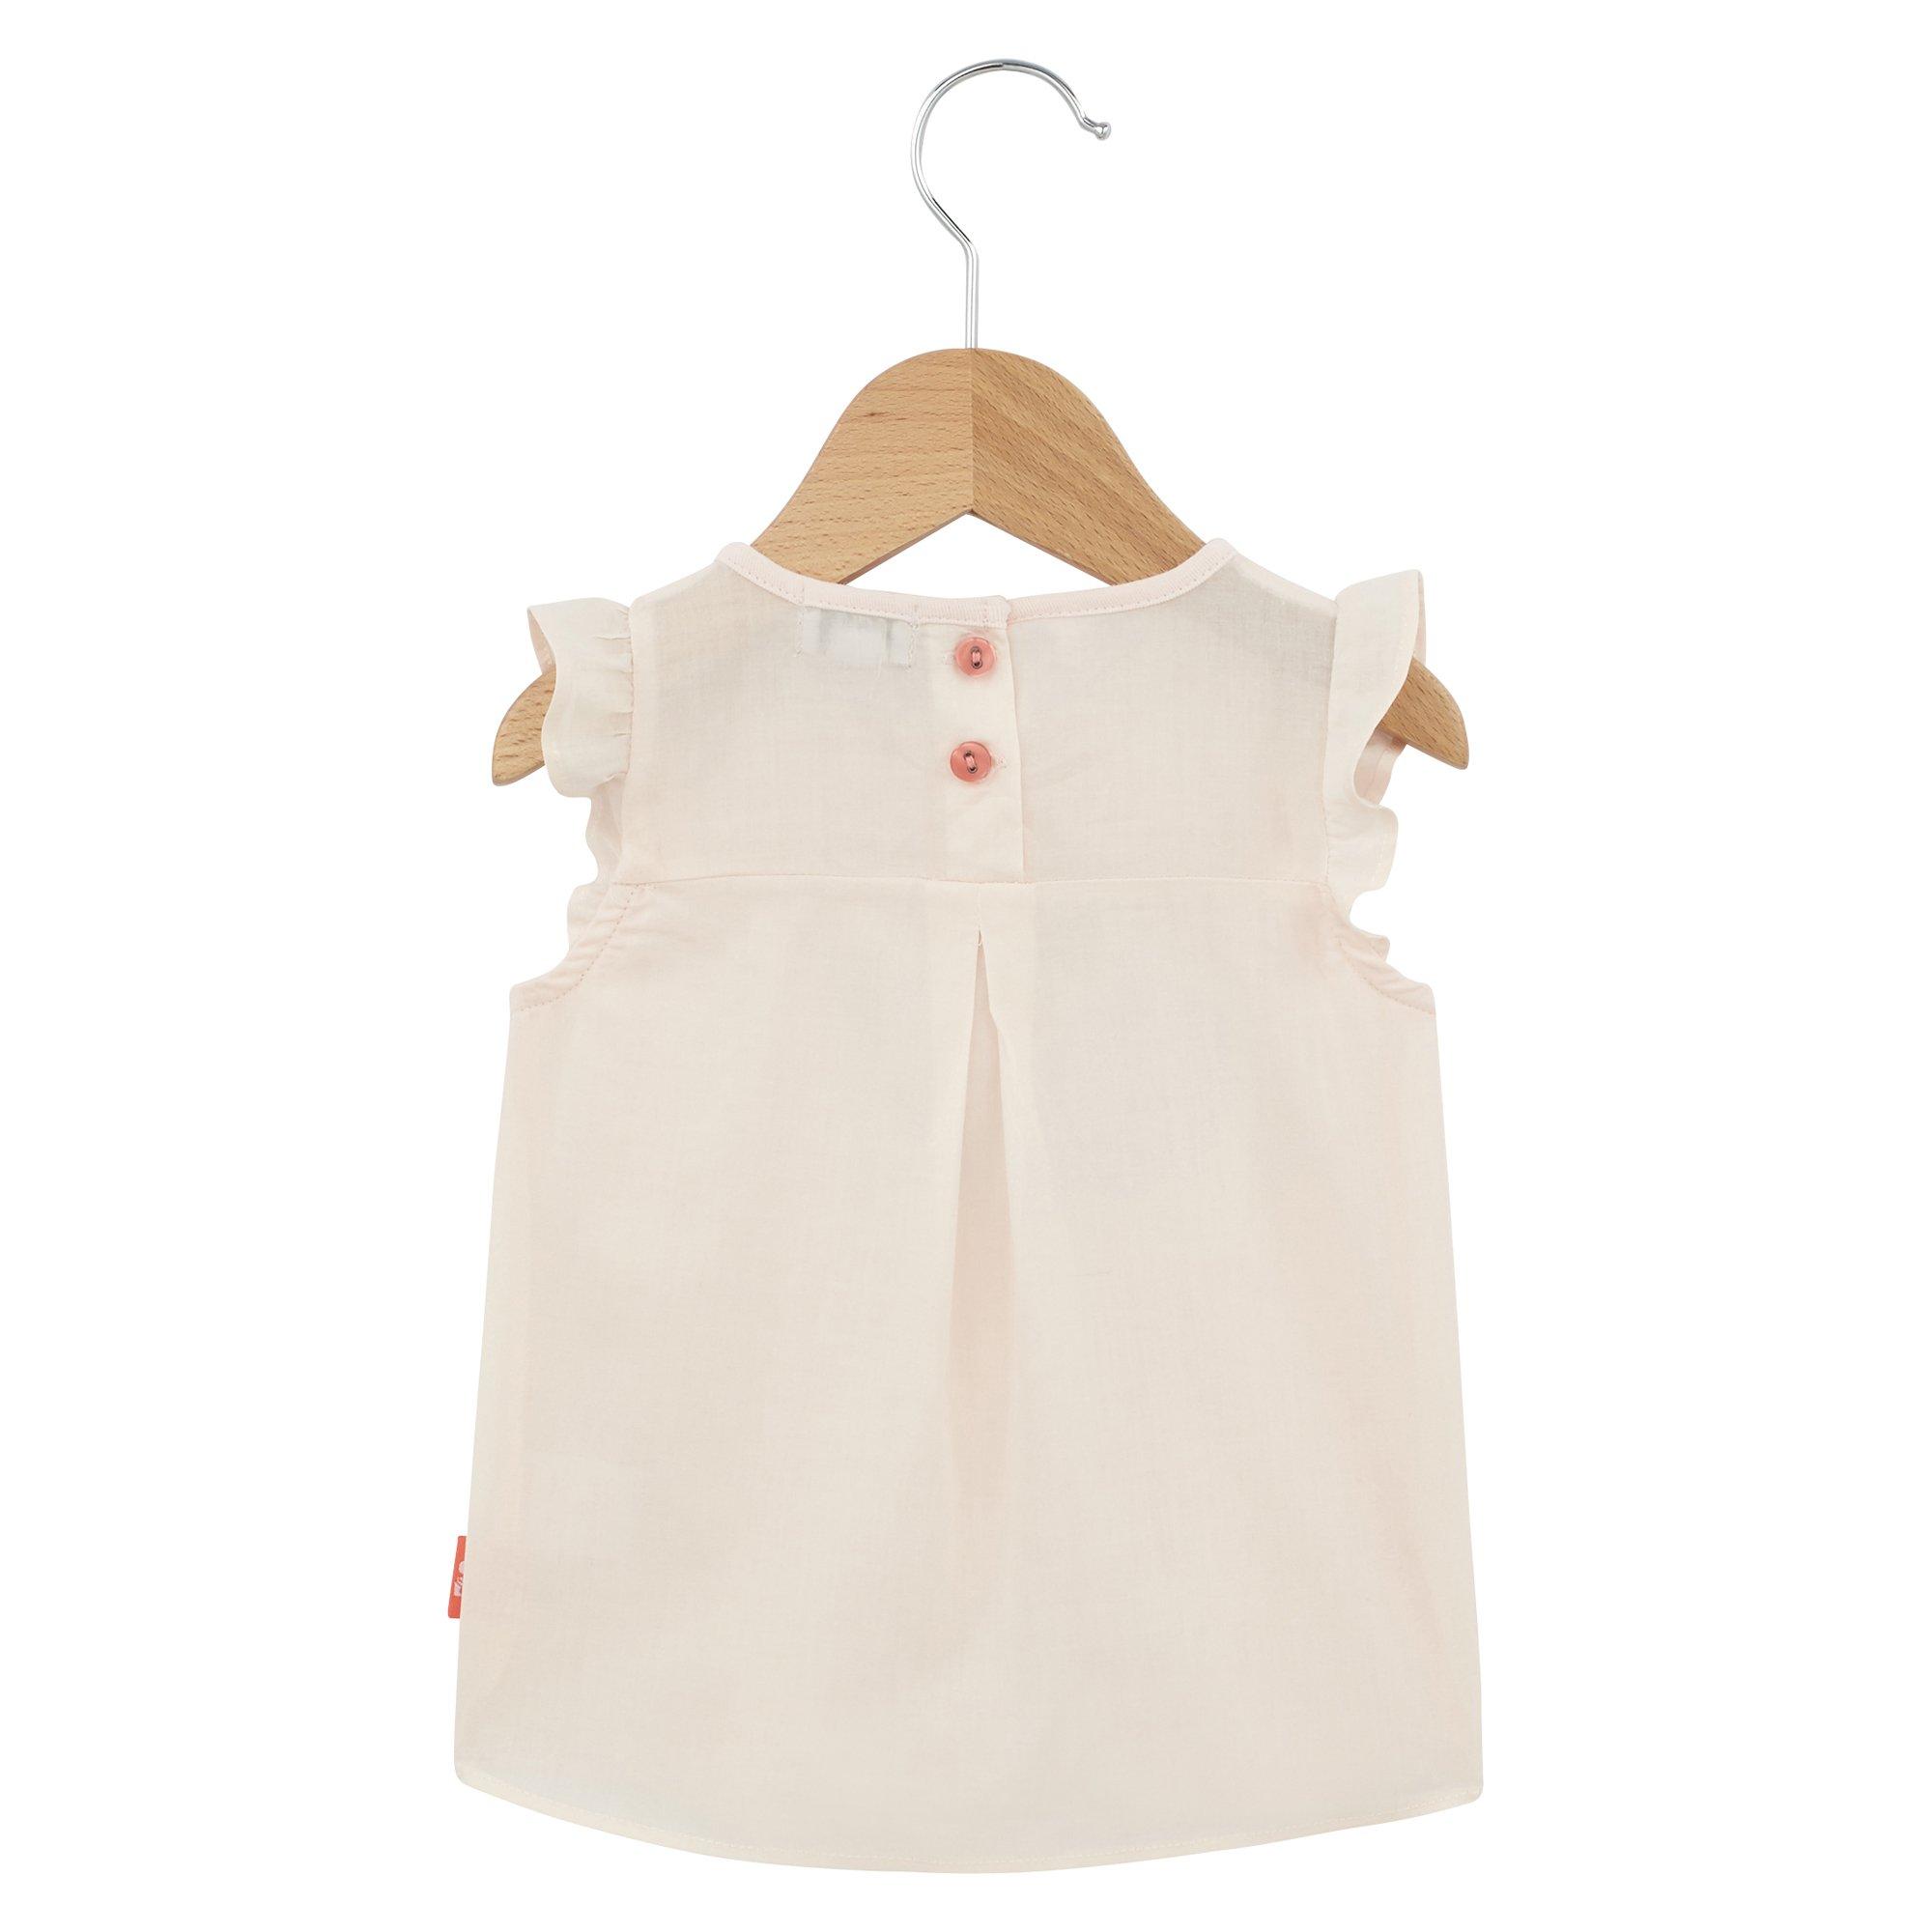 T-shirt collection Sunny Paradise Fille Rose Vahinée  de Nano & nanette